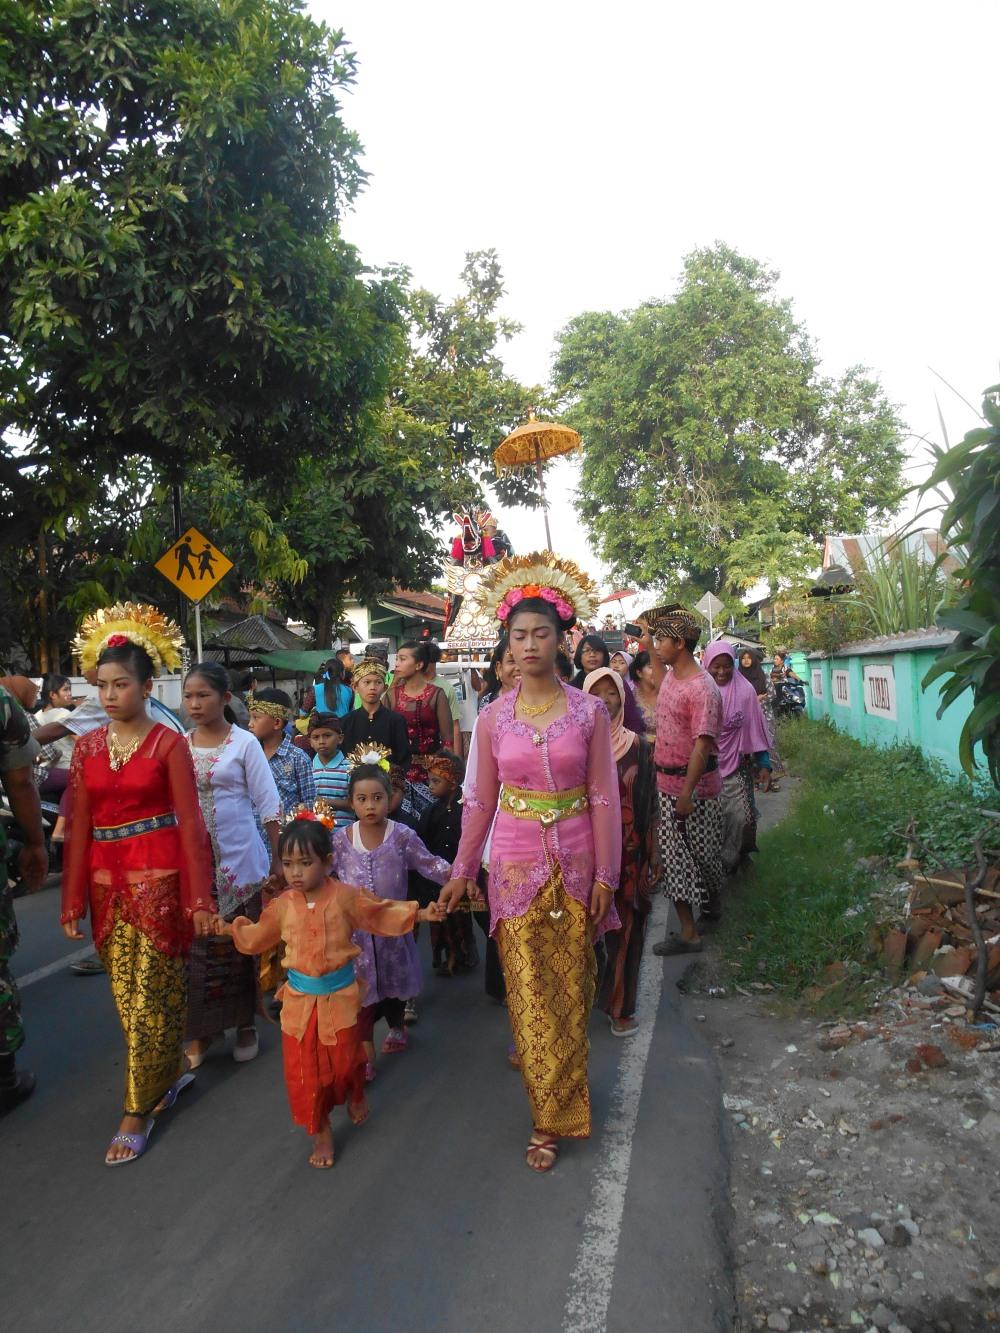 Fantastische kleuren sieren het straatbeeld bij deze optochten in Lombok, Indonesië, Zuid Oost-Azië